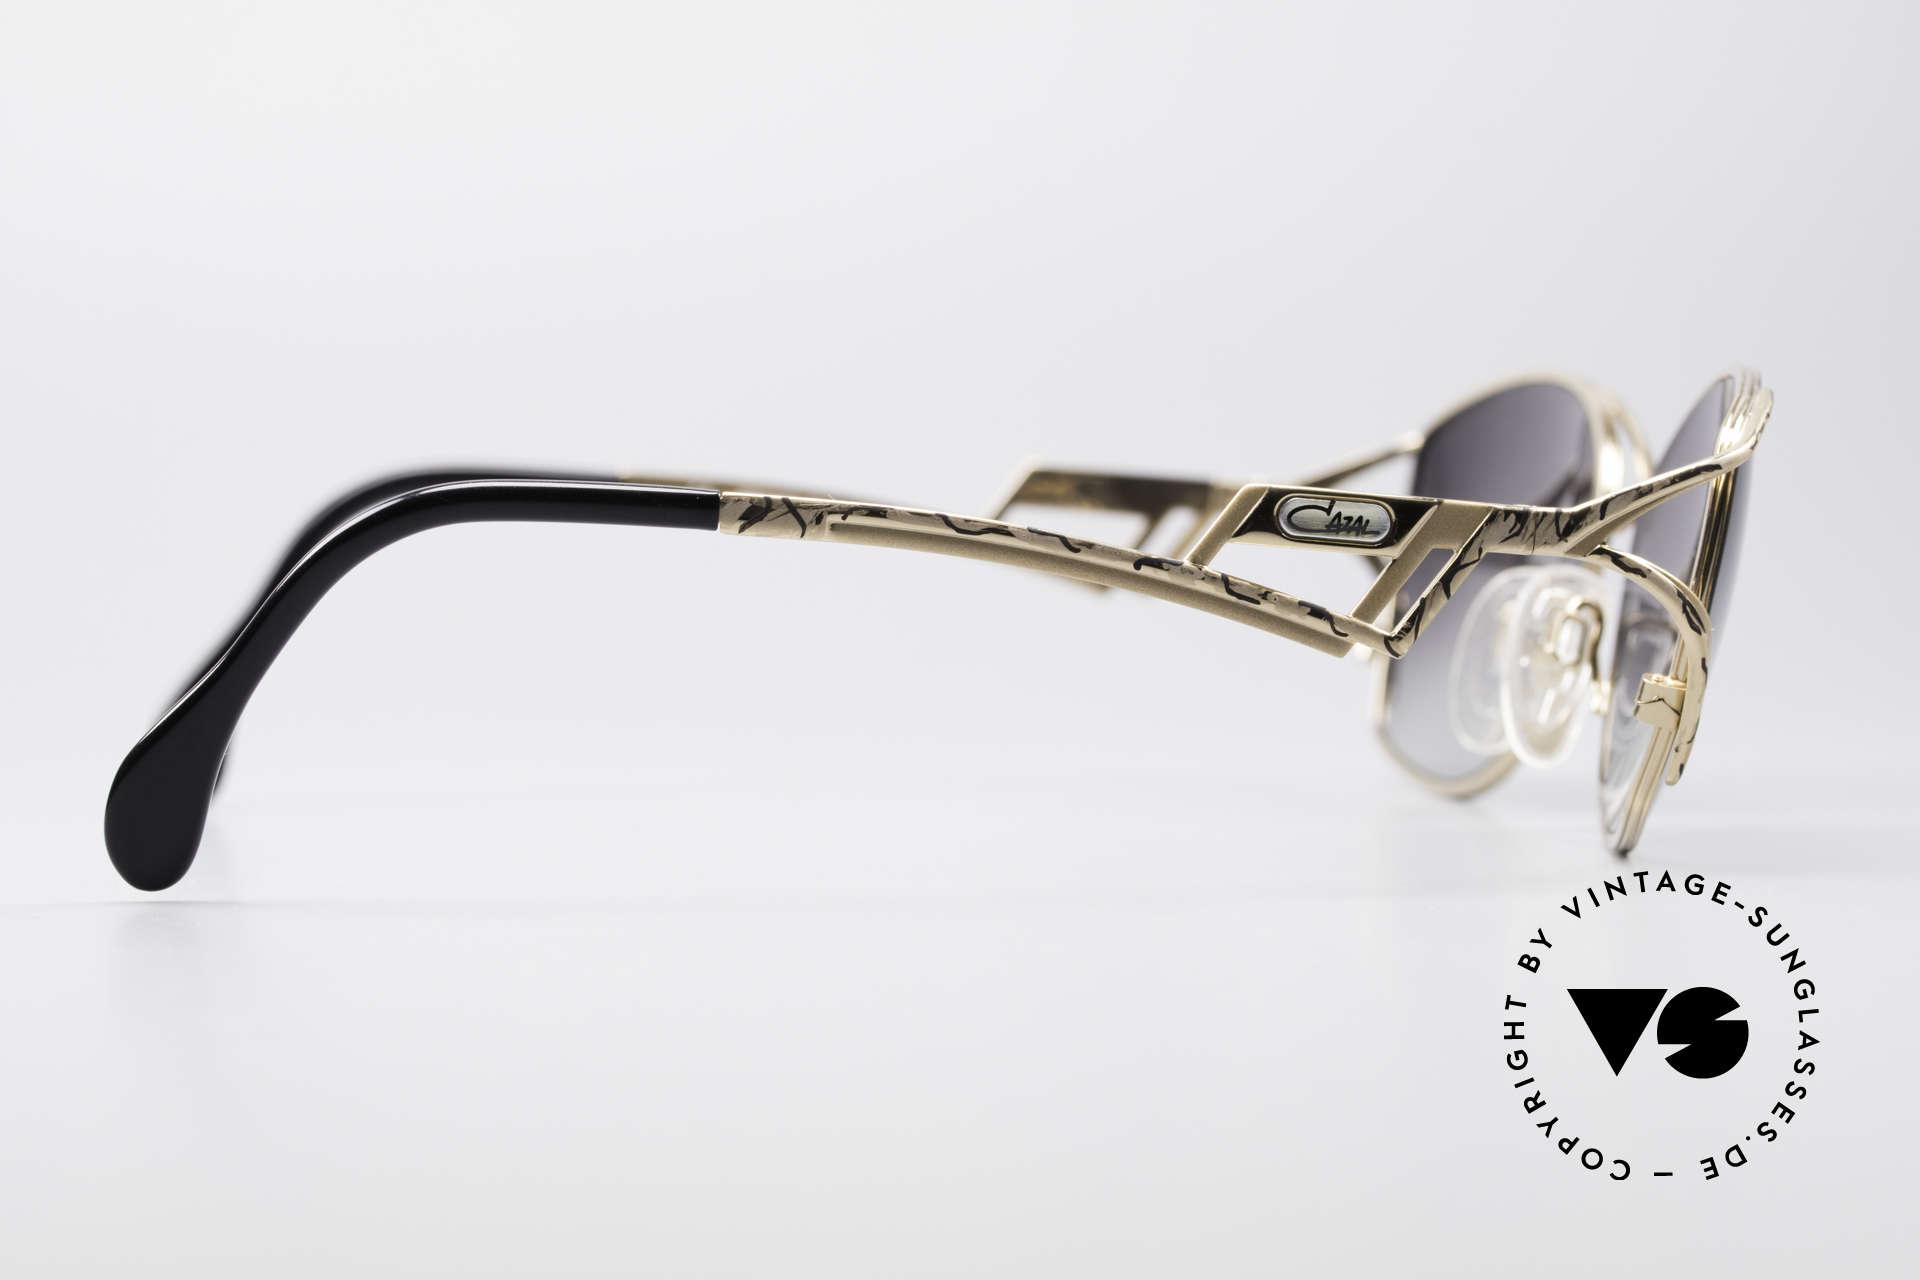 Cazal 284 Luxus Vintage Sonnenbrille, KEINE Retrobrille; ein 20 Jahre altes vintage Original, Passend für Damen